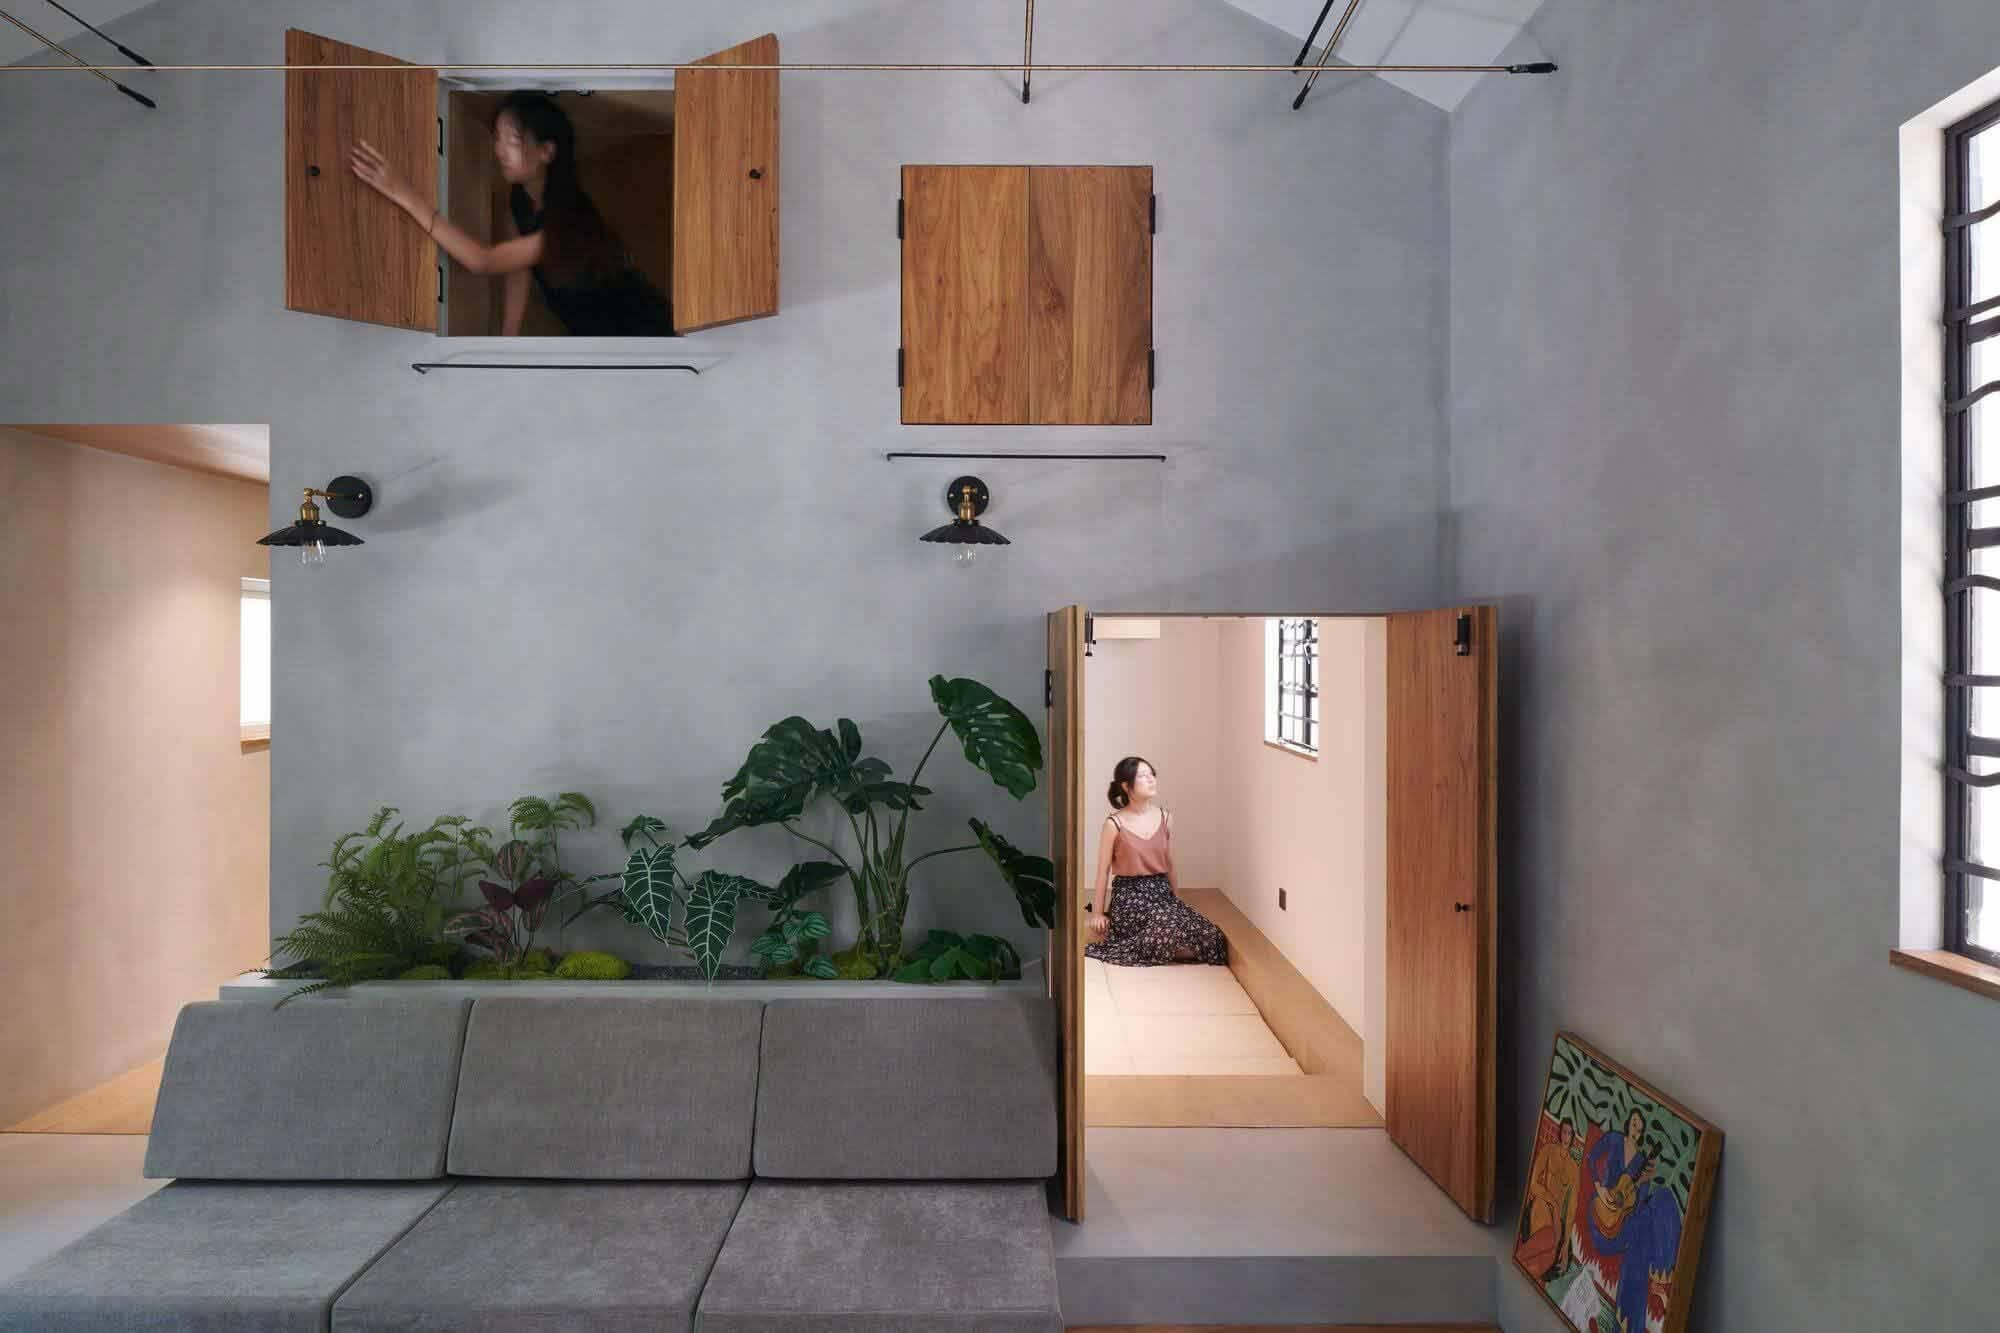 Дизайн молодежного общего пространства на улице Юнцзя / Студия архитектурного дизайна Greyspace